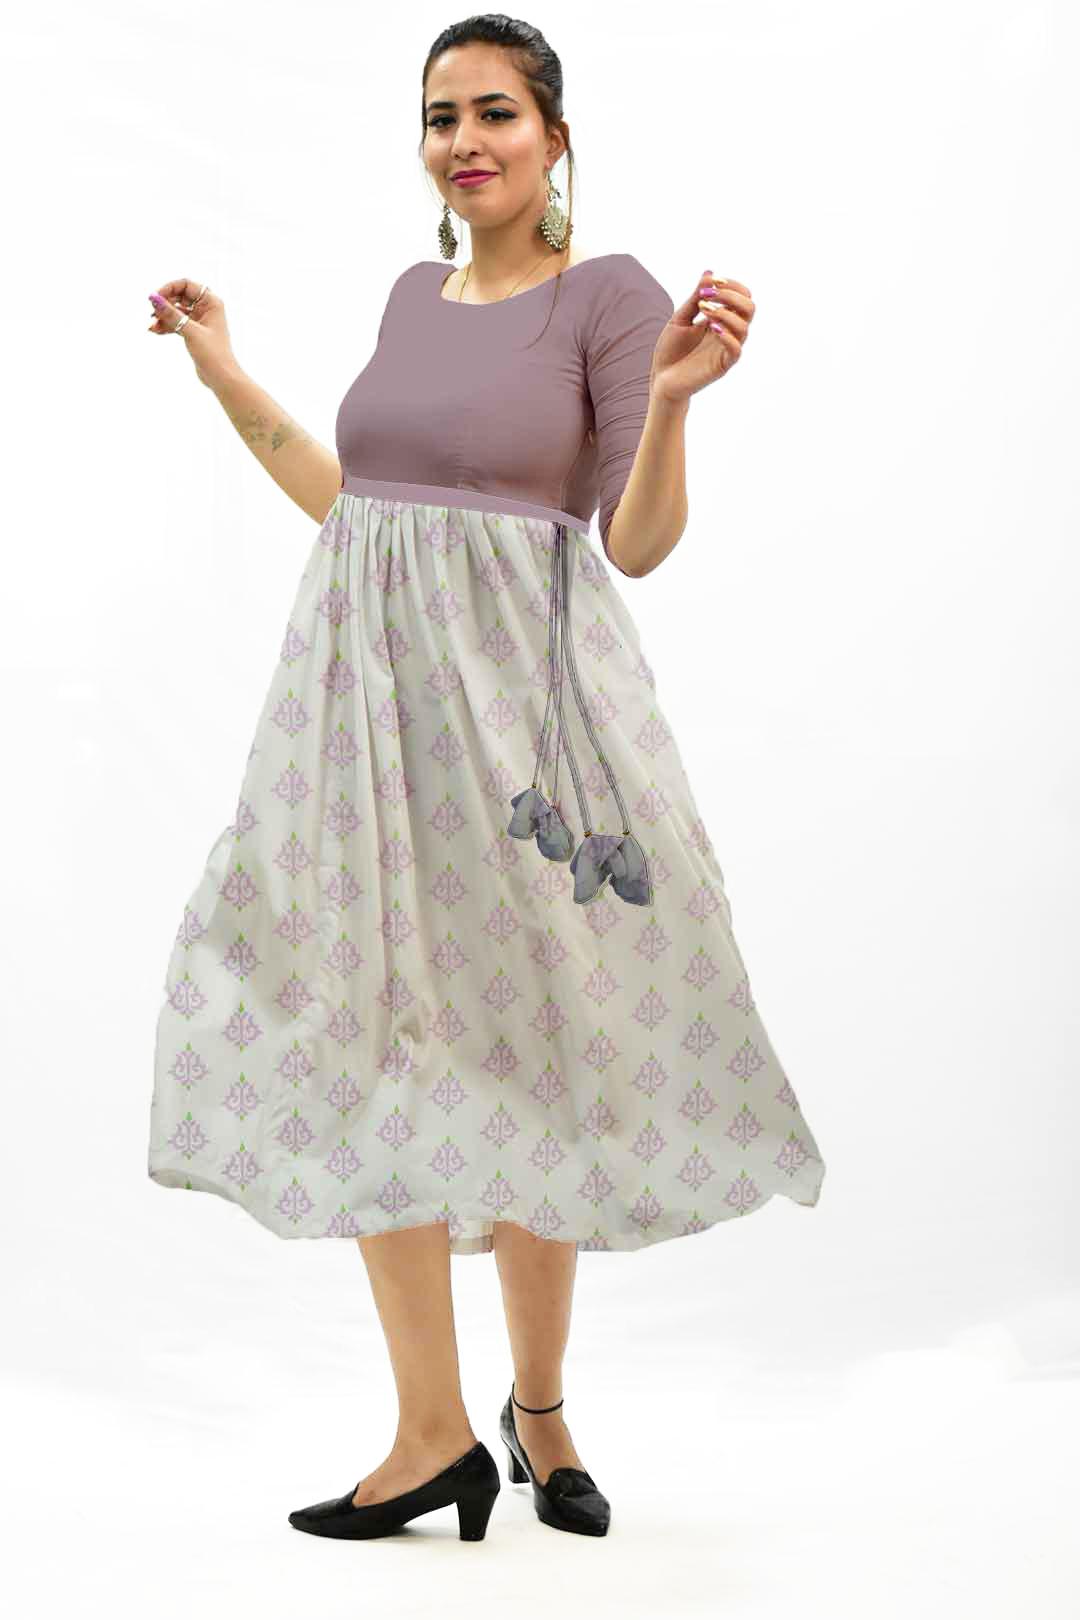 Cotton Frock Style Dress – Maharani